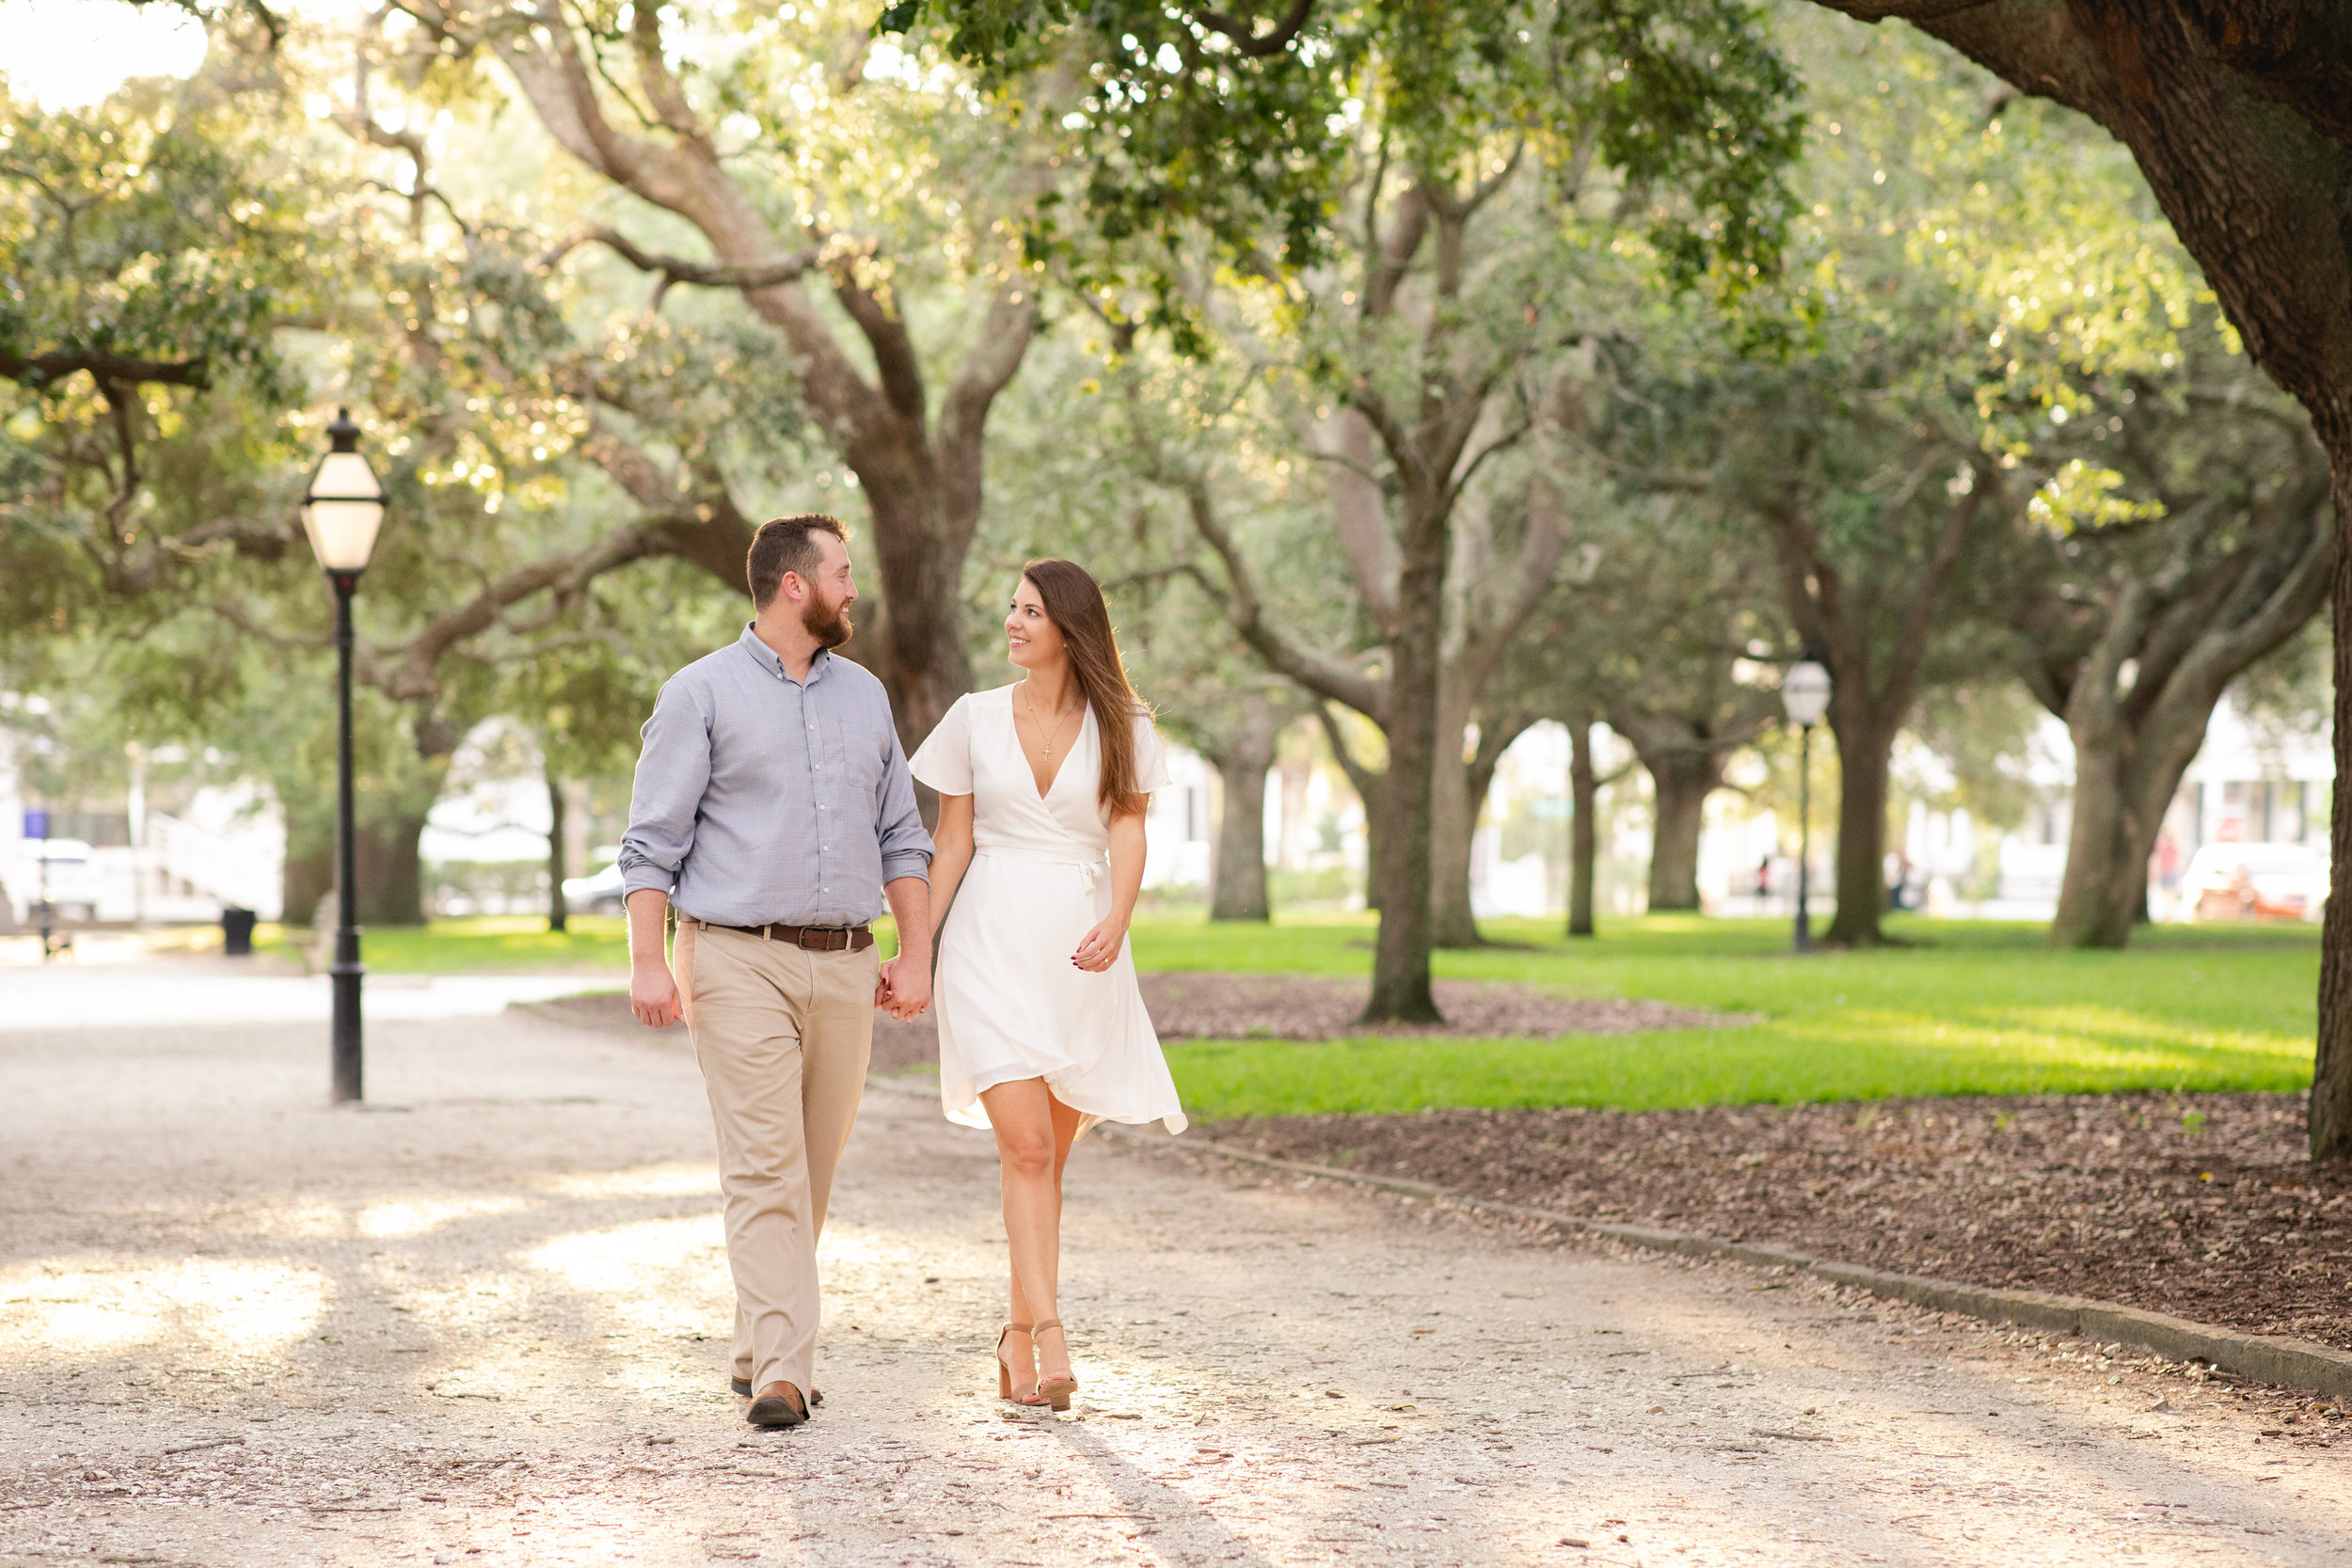 Charleston South Carolina Engagement Session Charleston Wedding Photographer Photo_3543.JPG